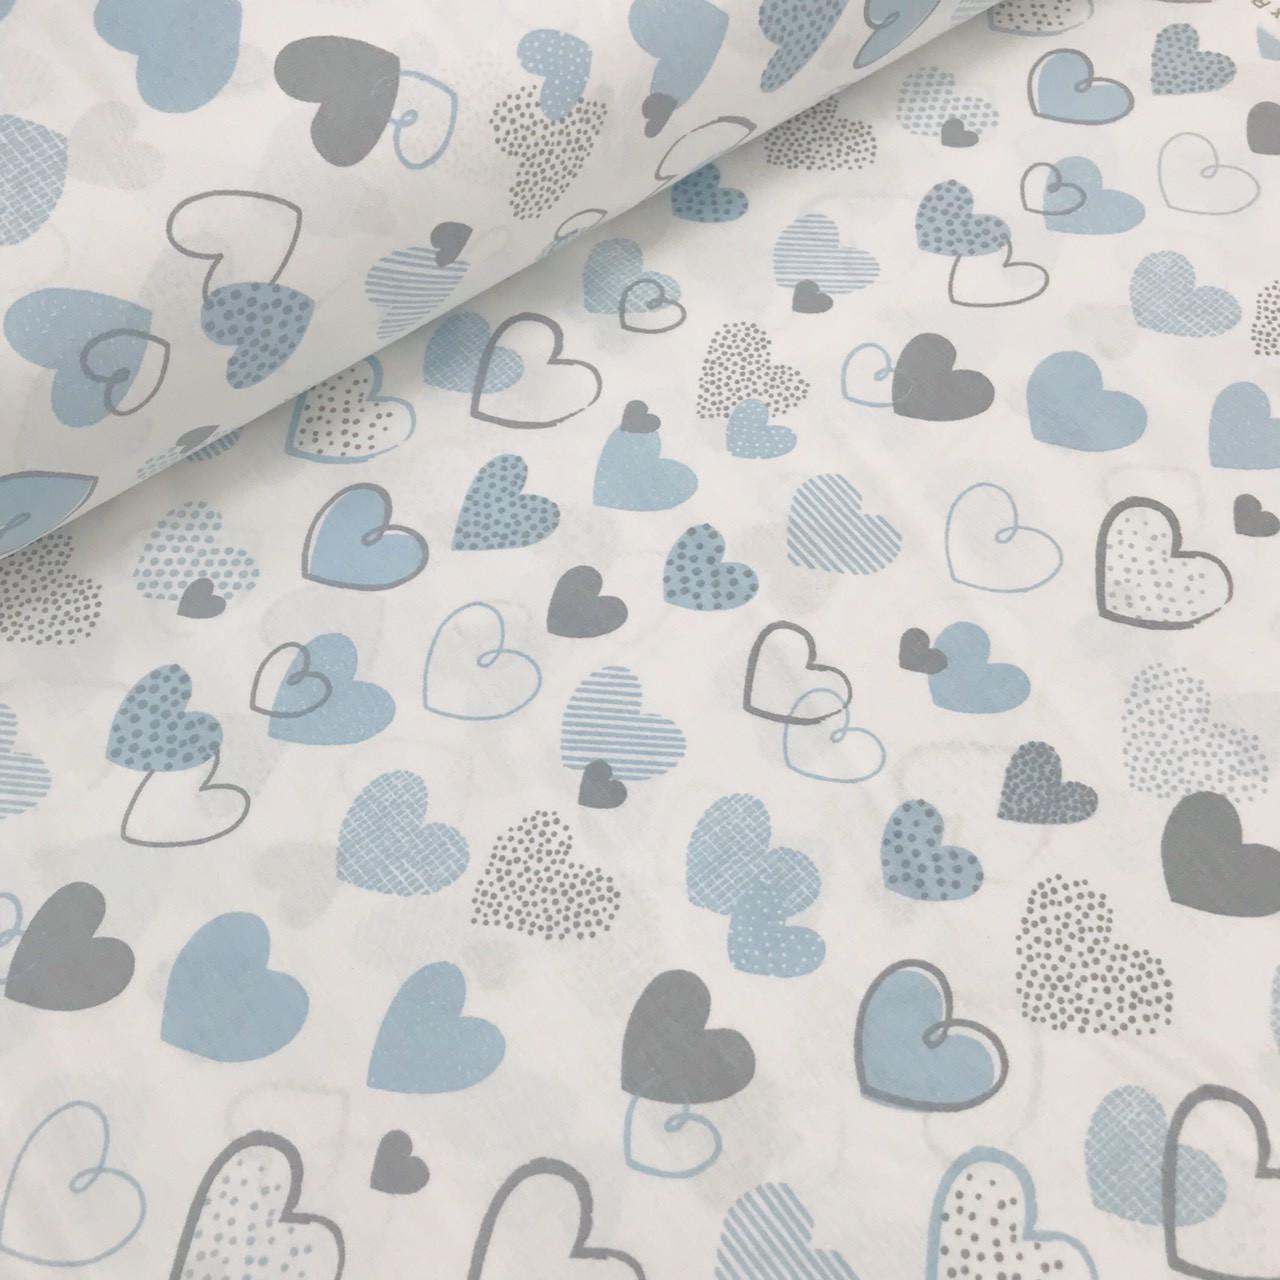 Хлопковая ткань (ТУРЦИЯ шир. 2,4 м)сердца серо-голубые